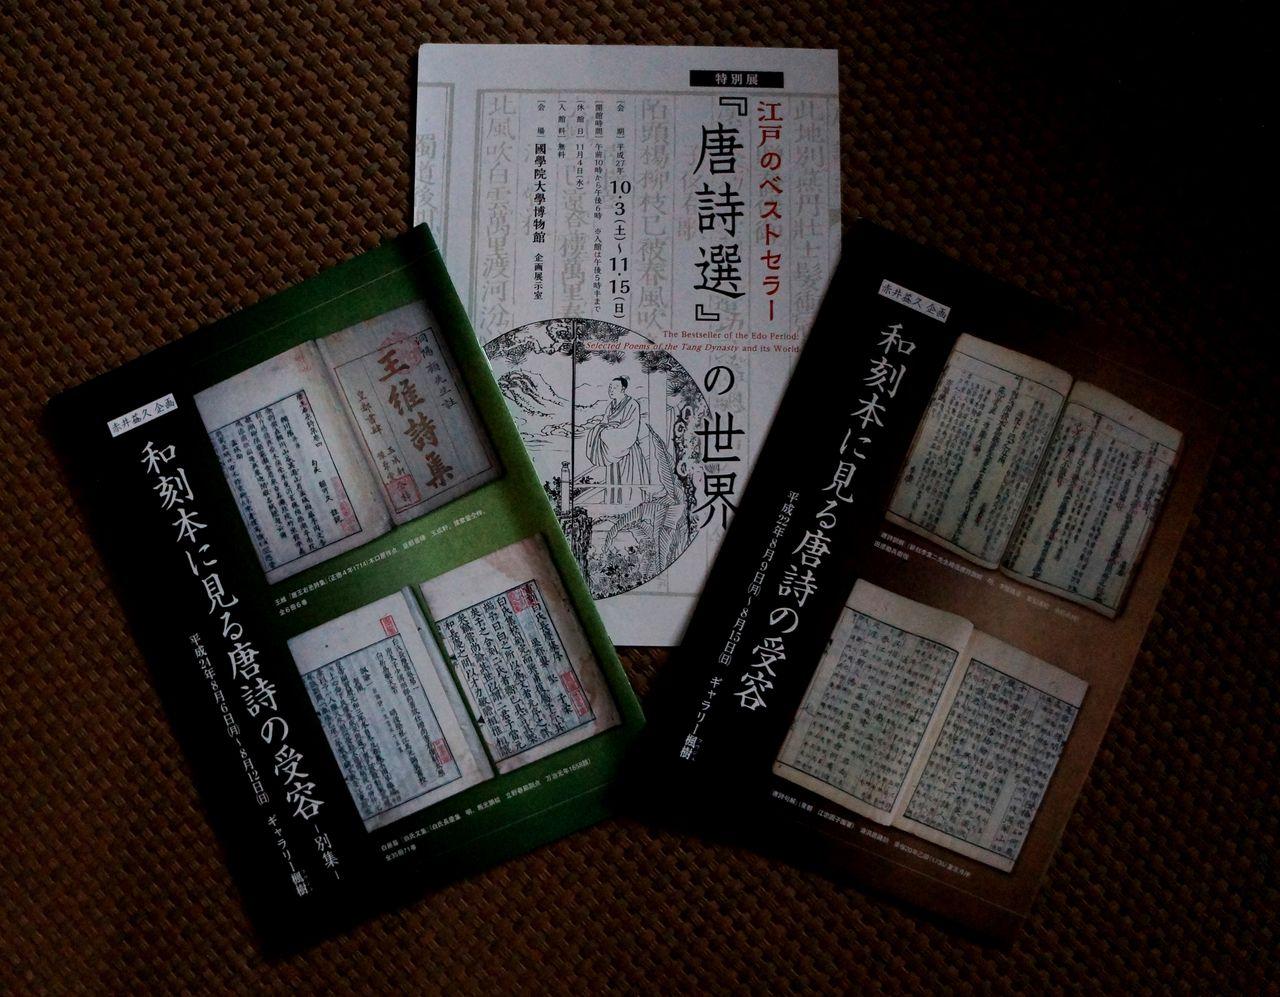 秋山多吉郎 - JapaneseClass.jp